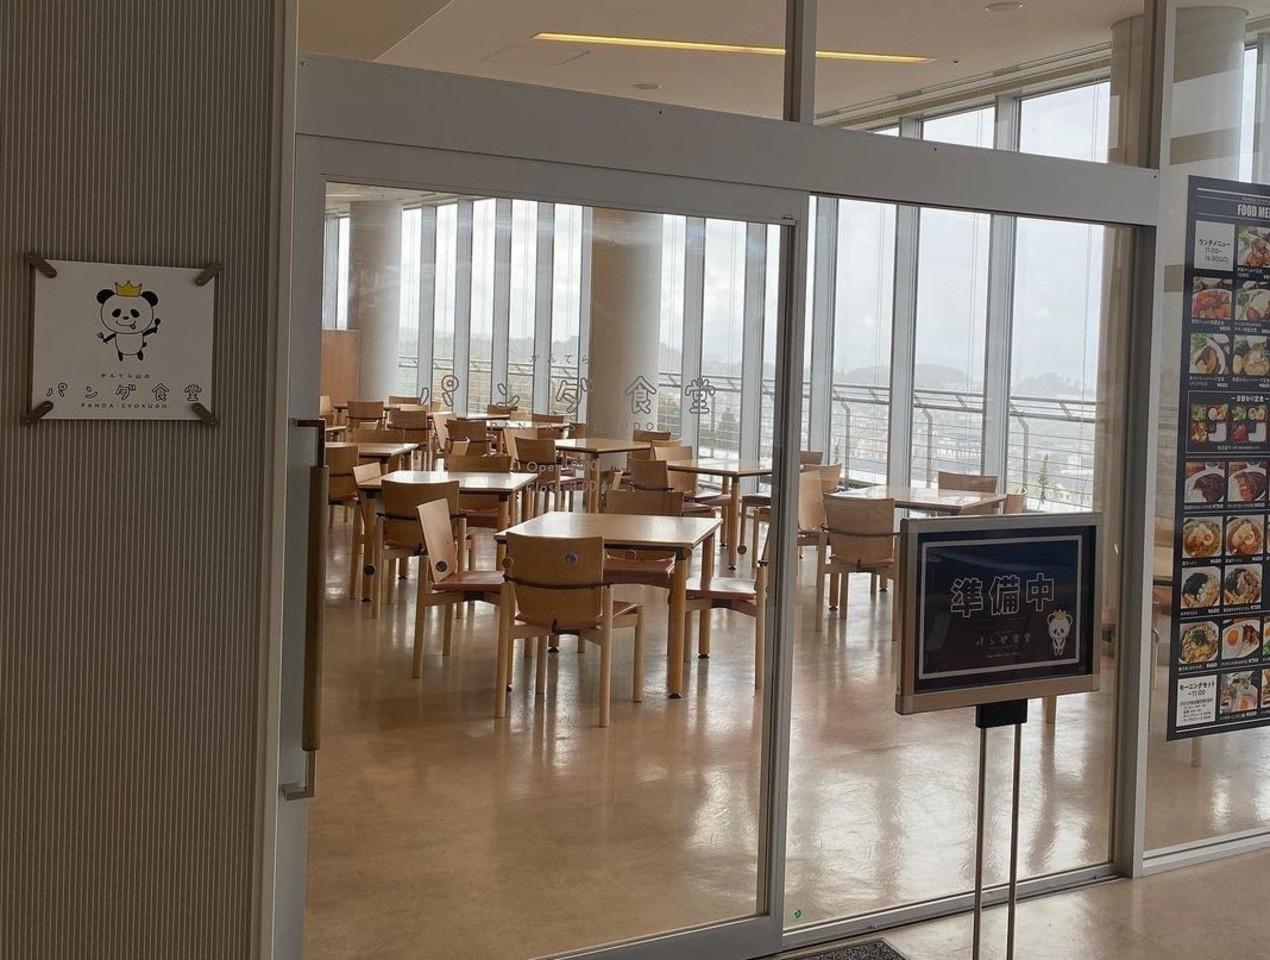 島根県の松江市立病院8Fに「かんてら山のパンダ食堂」が本日グランドオープンされたようです。